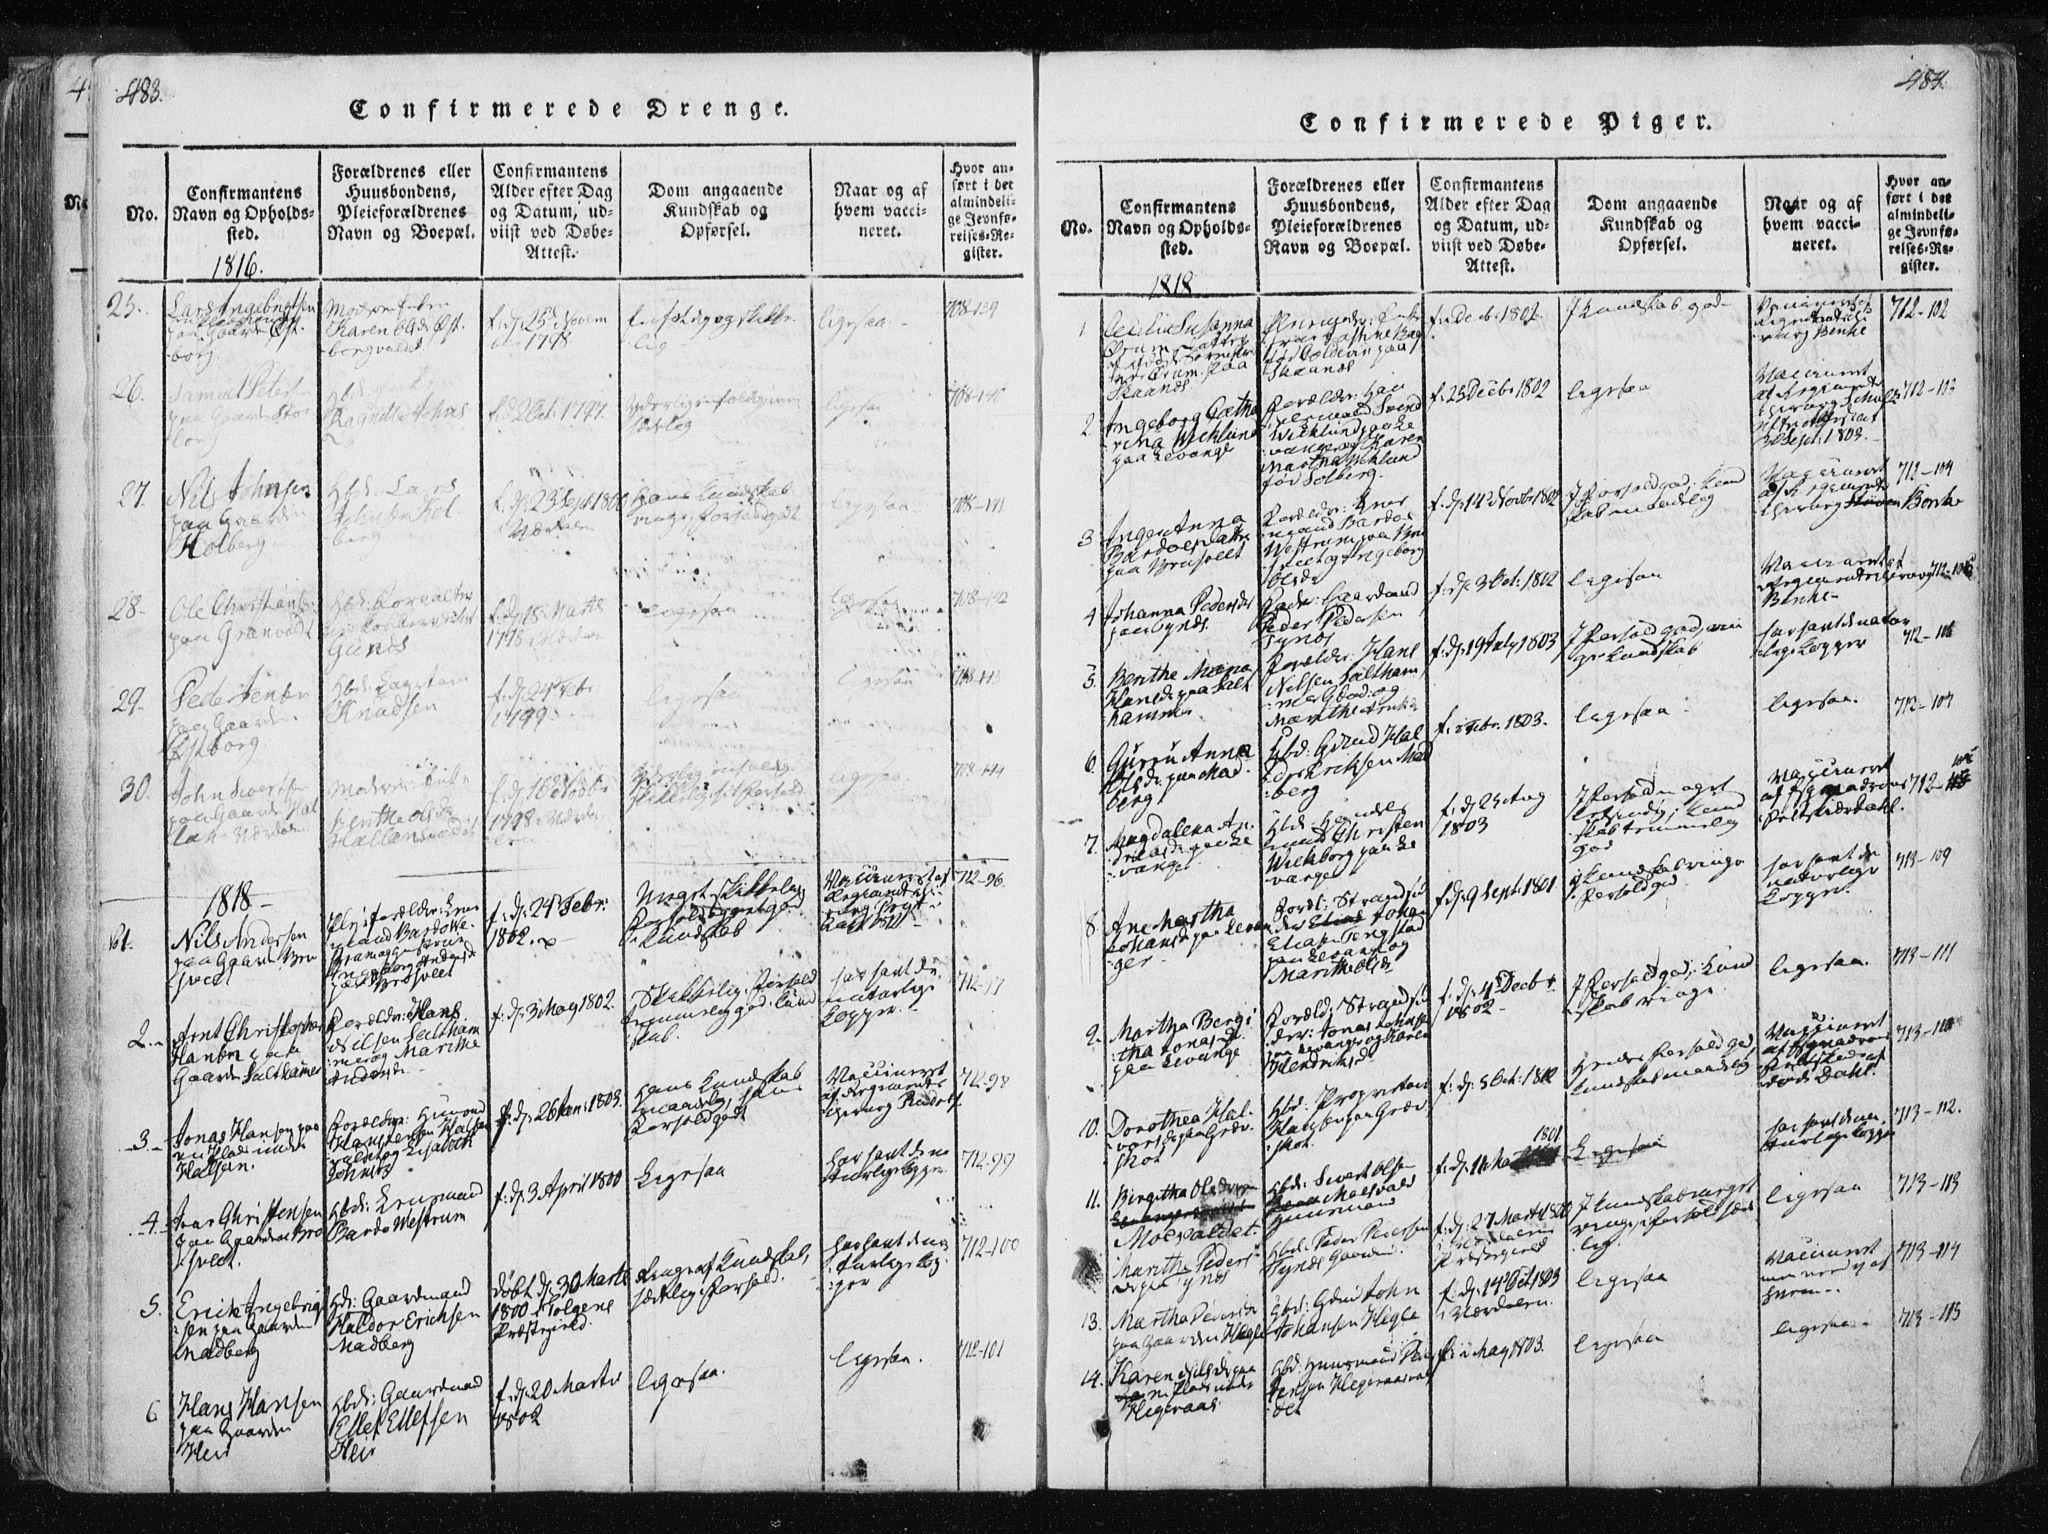 SAT, Ministerialprotokoller, klokkerbøker og fødselsregistre - Nord-Trøndelag, 717/L0148: Ministerialbok nr. 717A04 /2, 1816-1825, s. 483-484